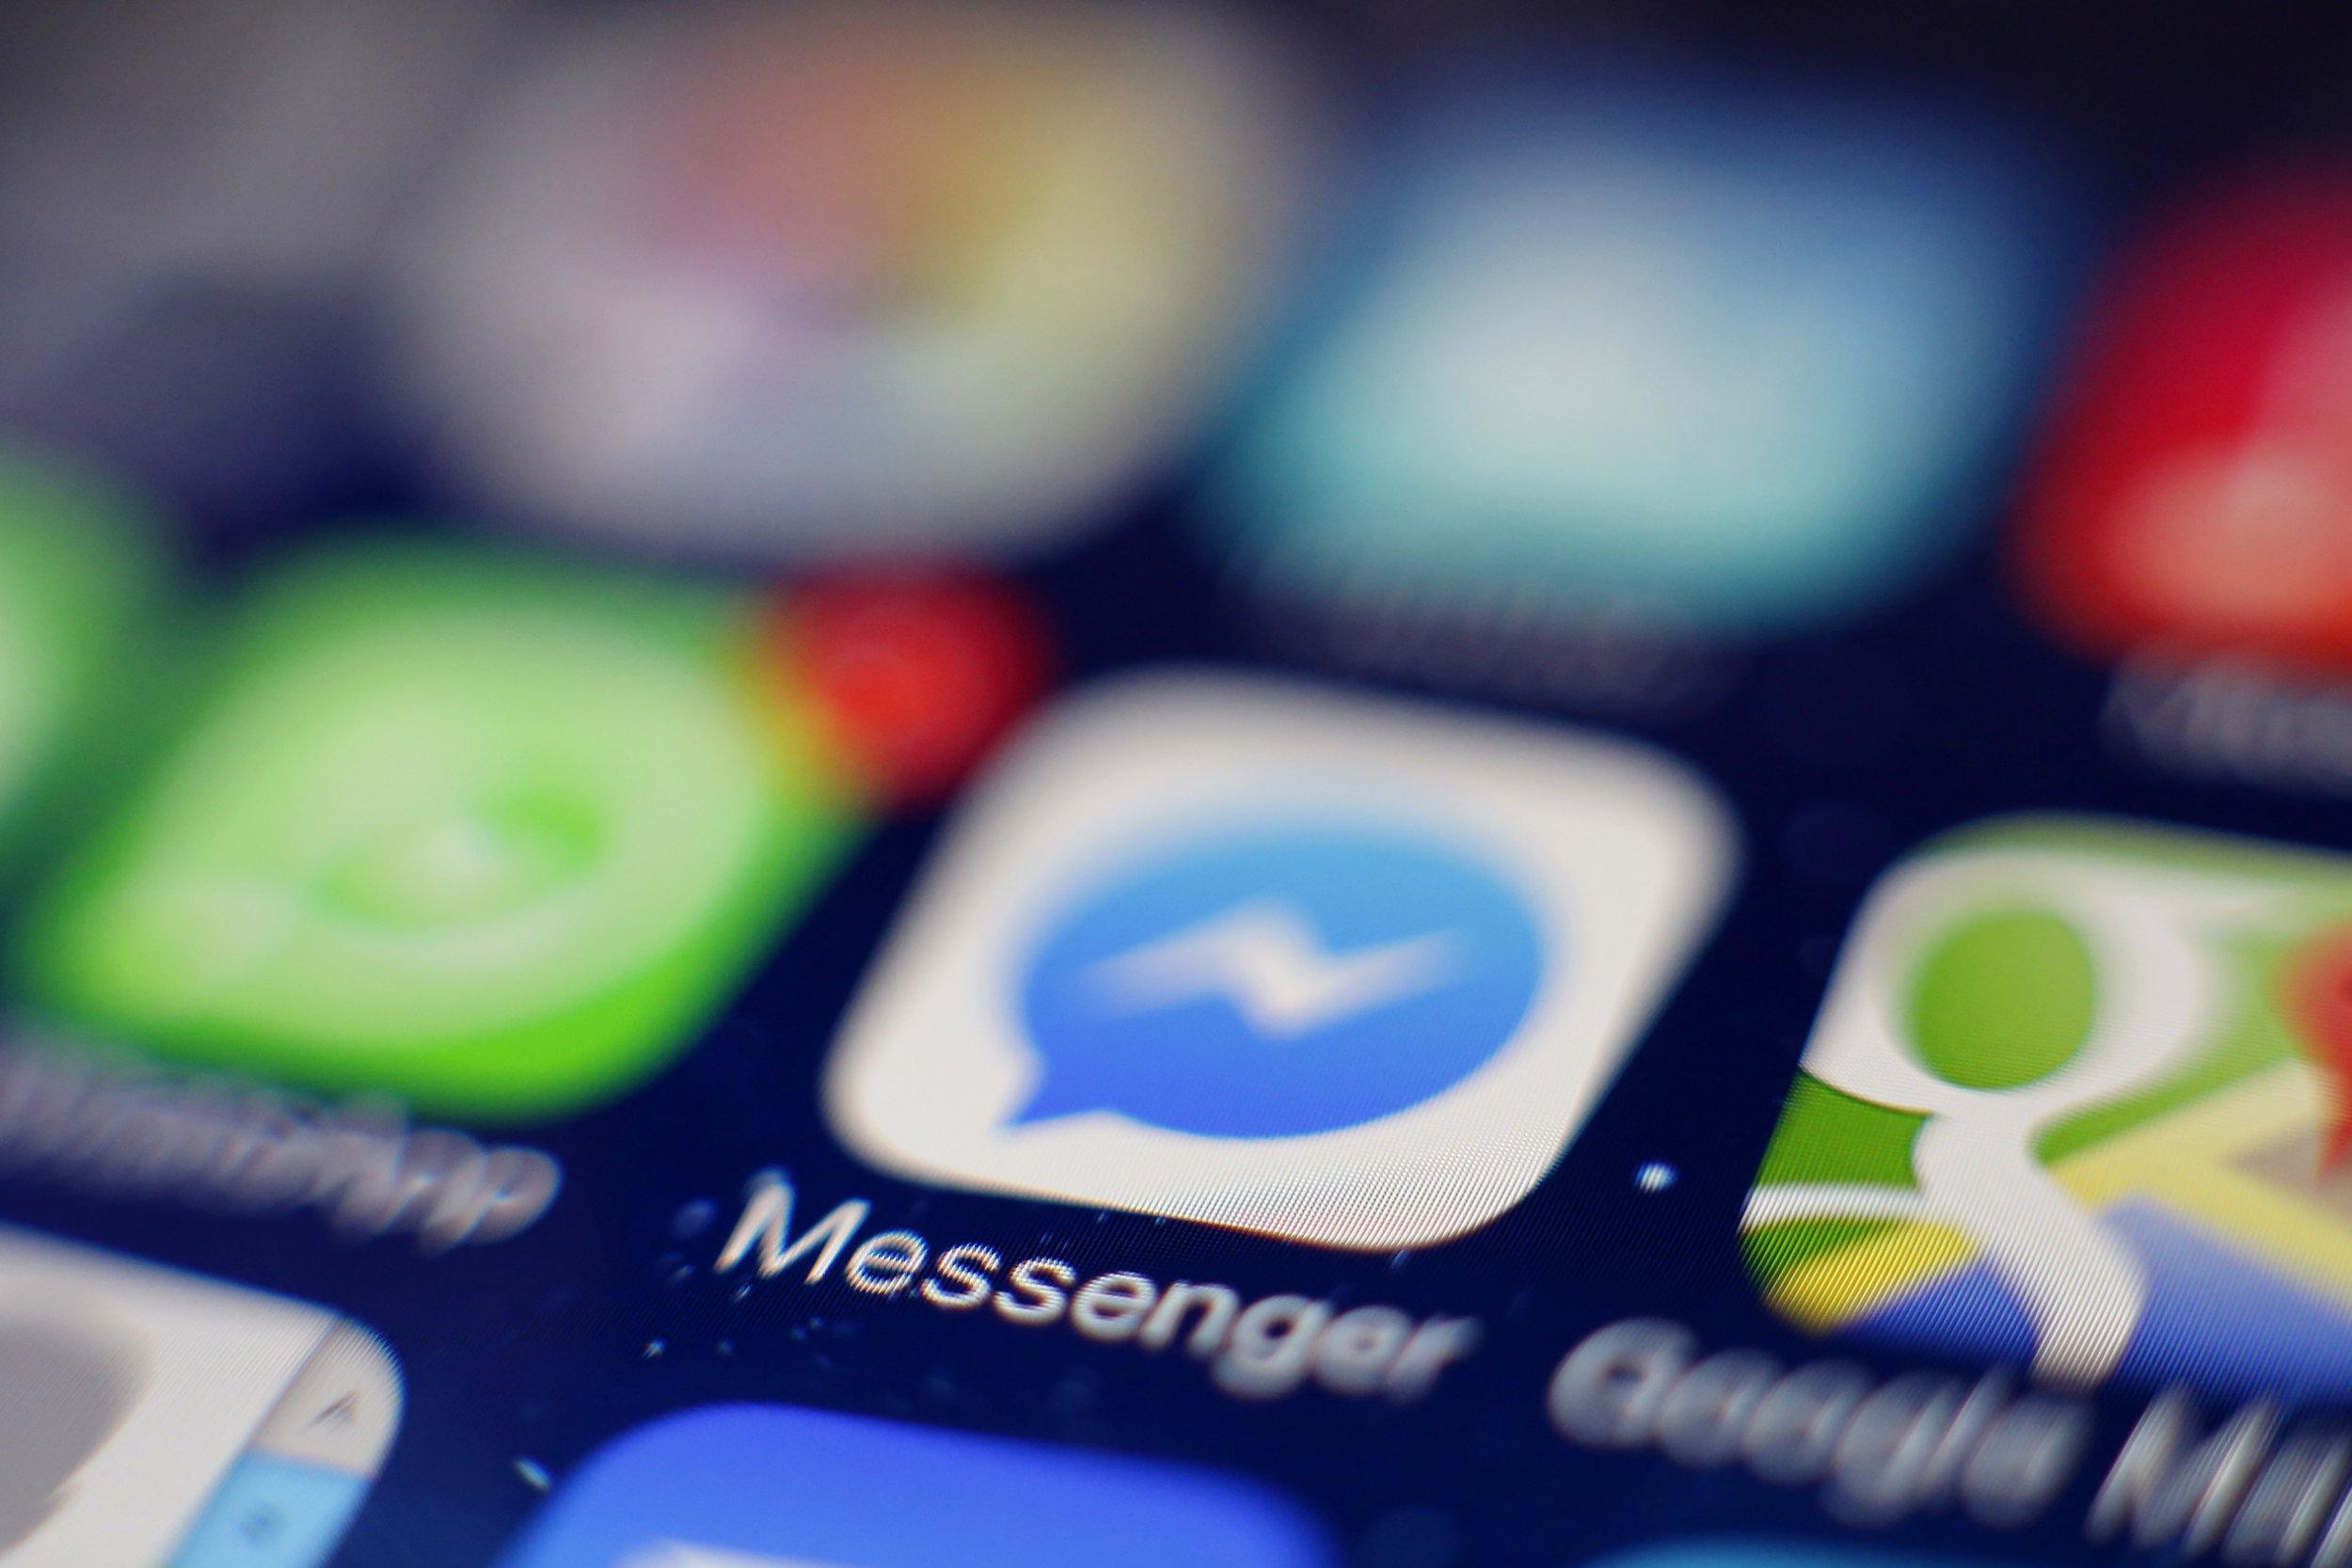 Creative / Feature: Facebook Messenger-Icon auf einem auf einem iPhone (Photo by Hoch Zwei/Corbis around Getty Images) Facebook Messenger